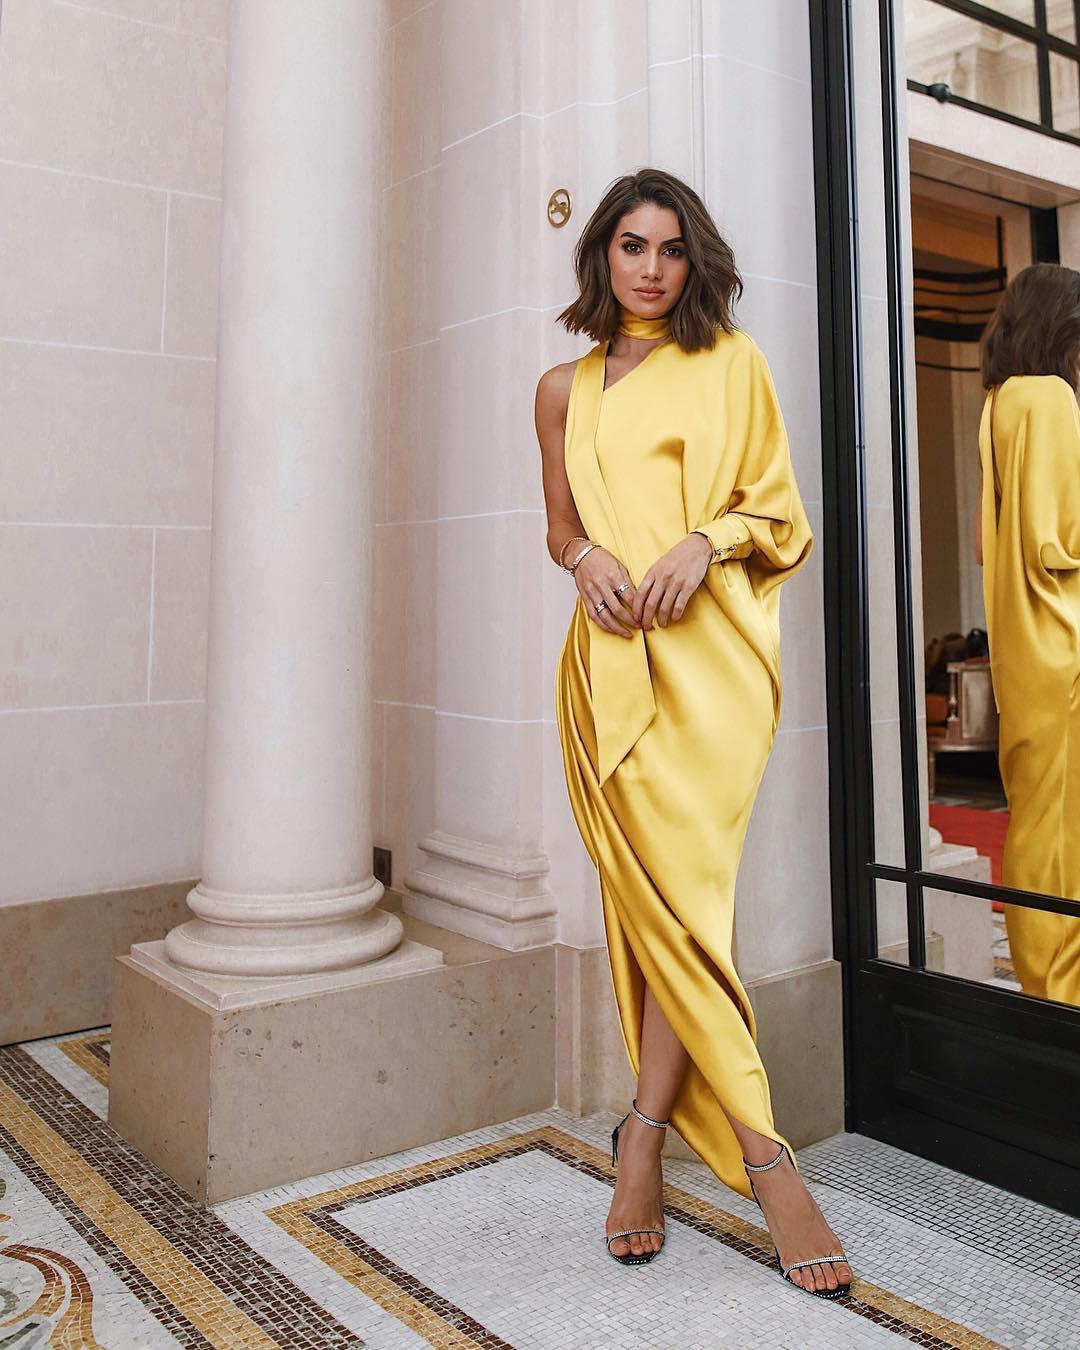 Gợi ý trang phục dạ tiệc cho cung Bạch Dương với đầm lụa màu vàng